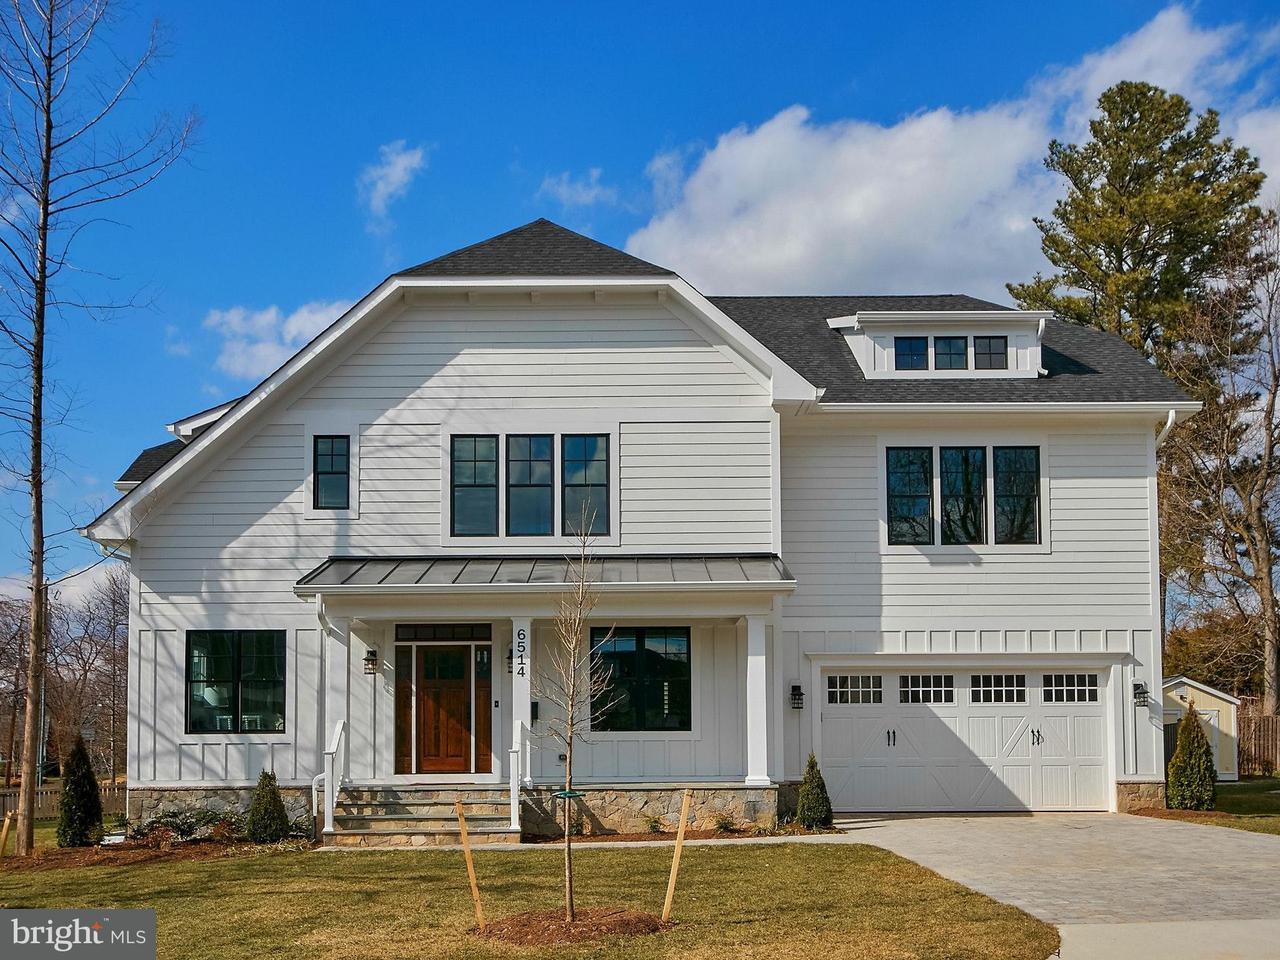 Частный односемейный дом для того Продажа на 6514 Elmhirst Drive 6514 Elmhirst Drive Falls Church, Виргиния 22043 Соединенные Штаты